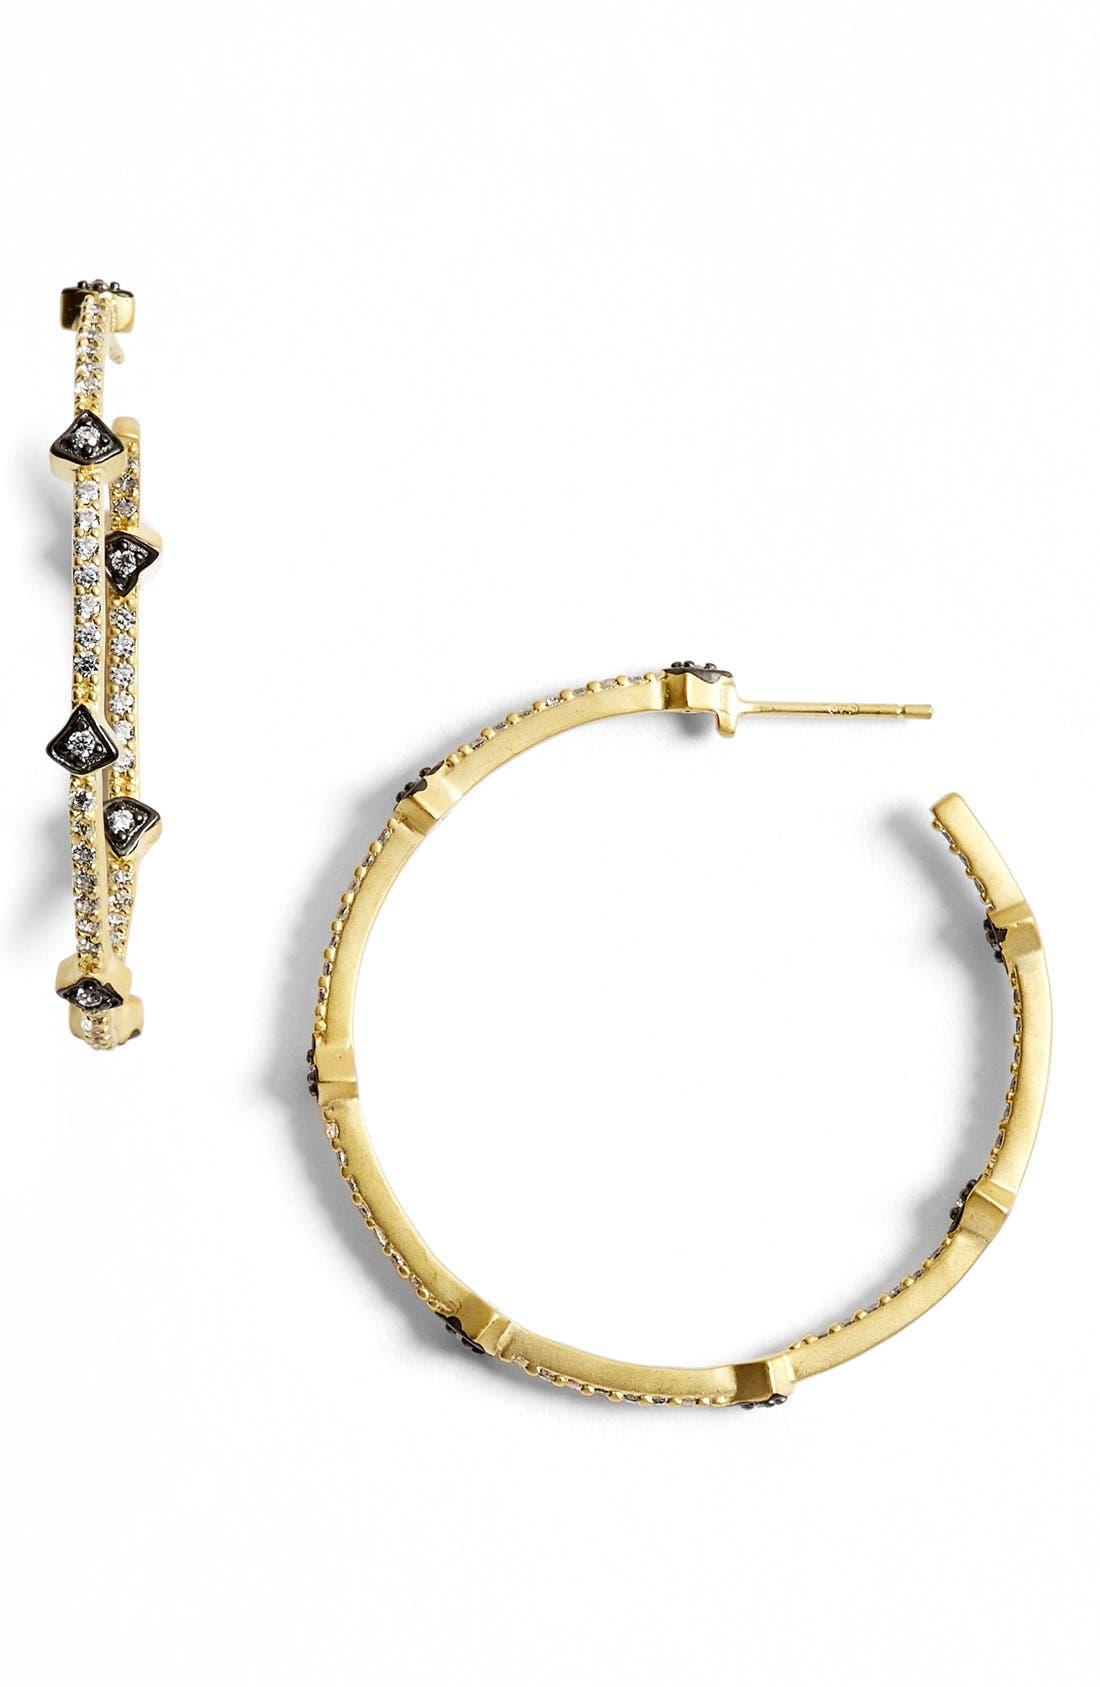 FREIDA ROTHMAN 'Metropolitan' Inside Out Hoop Earrings